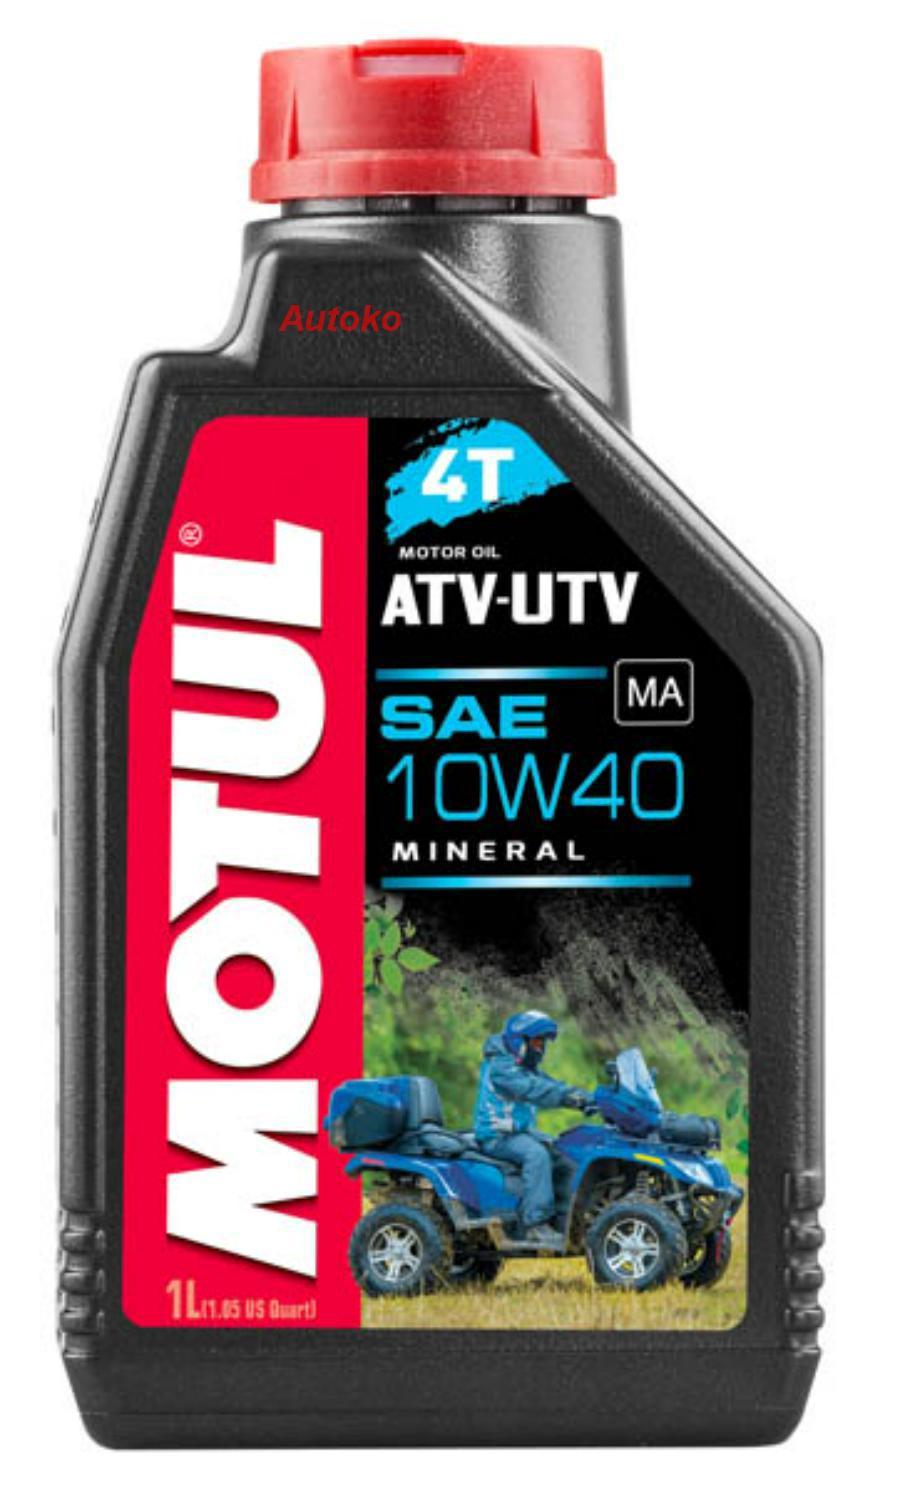 Масло моторное минеральное ATV-UTV 4T 10W-40, 1л